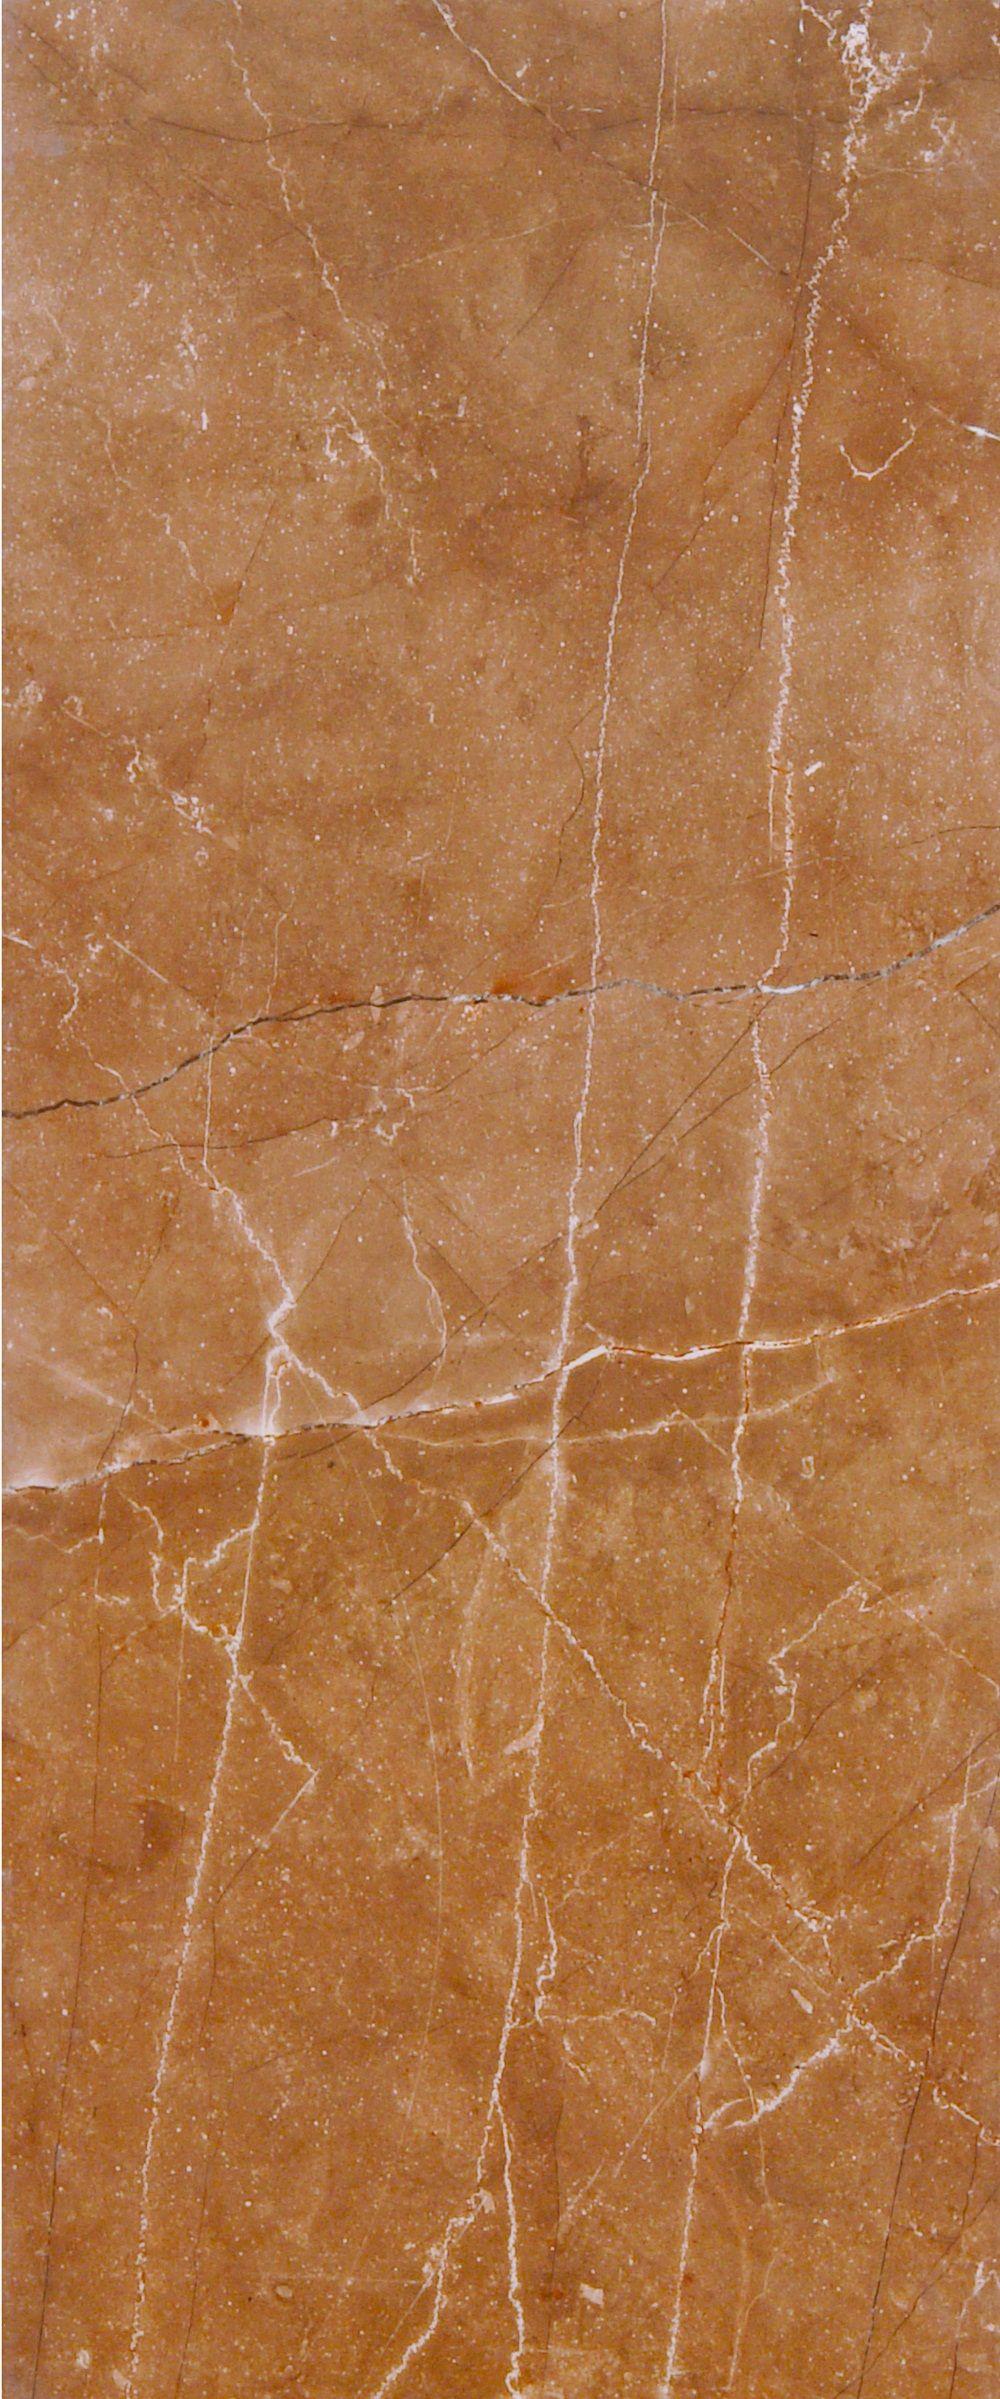 Керамическая плитка настенная Шахтинская Dreamstone 02 терракотовый 600*250 (шт.) от Ravta